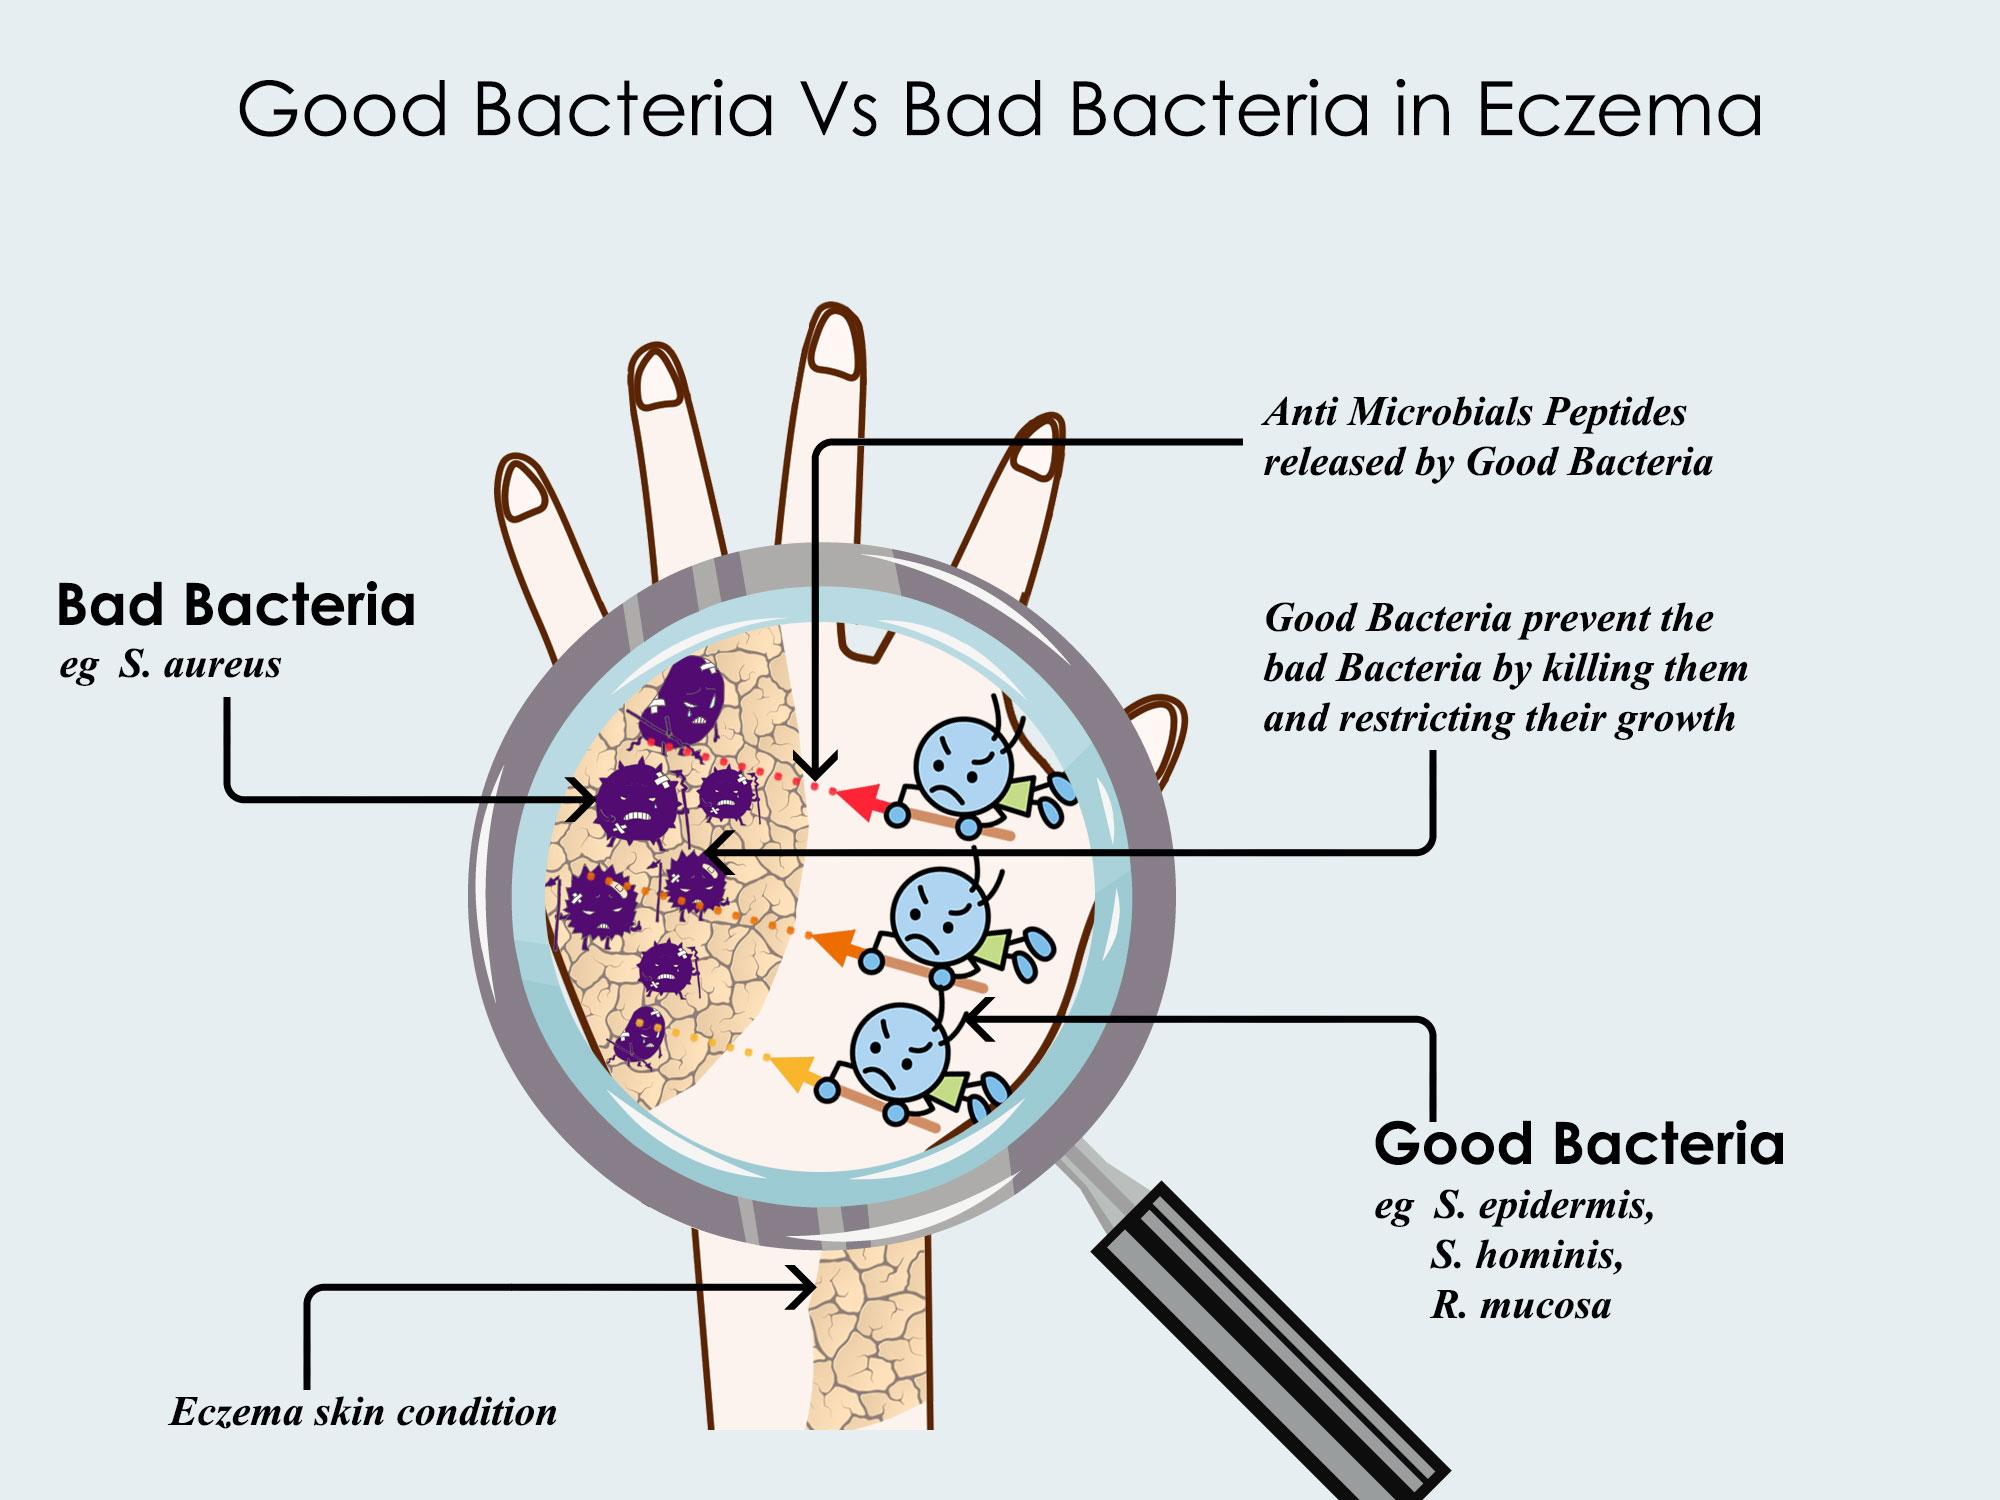 Good bacteria vs Bad Bacteria